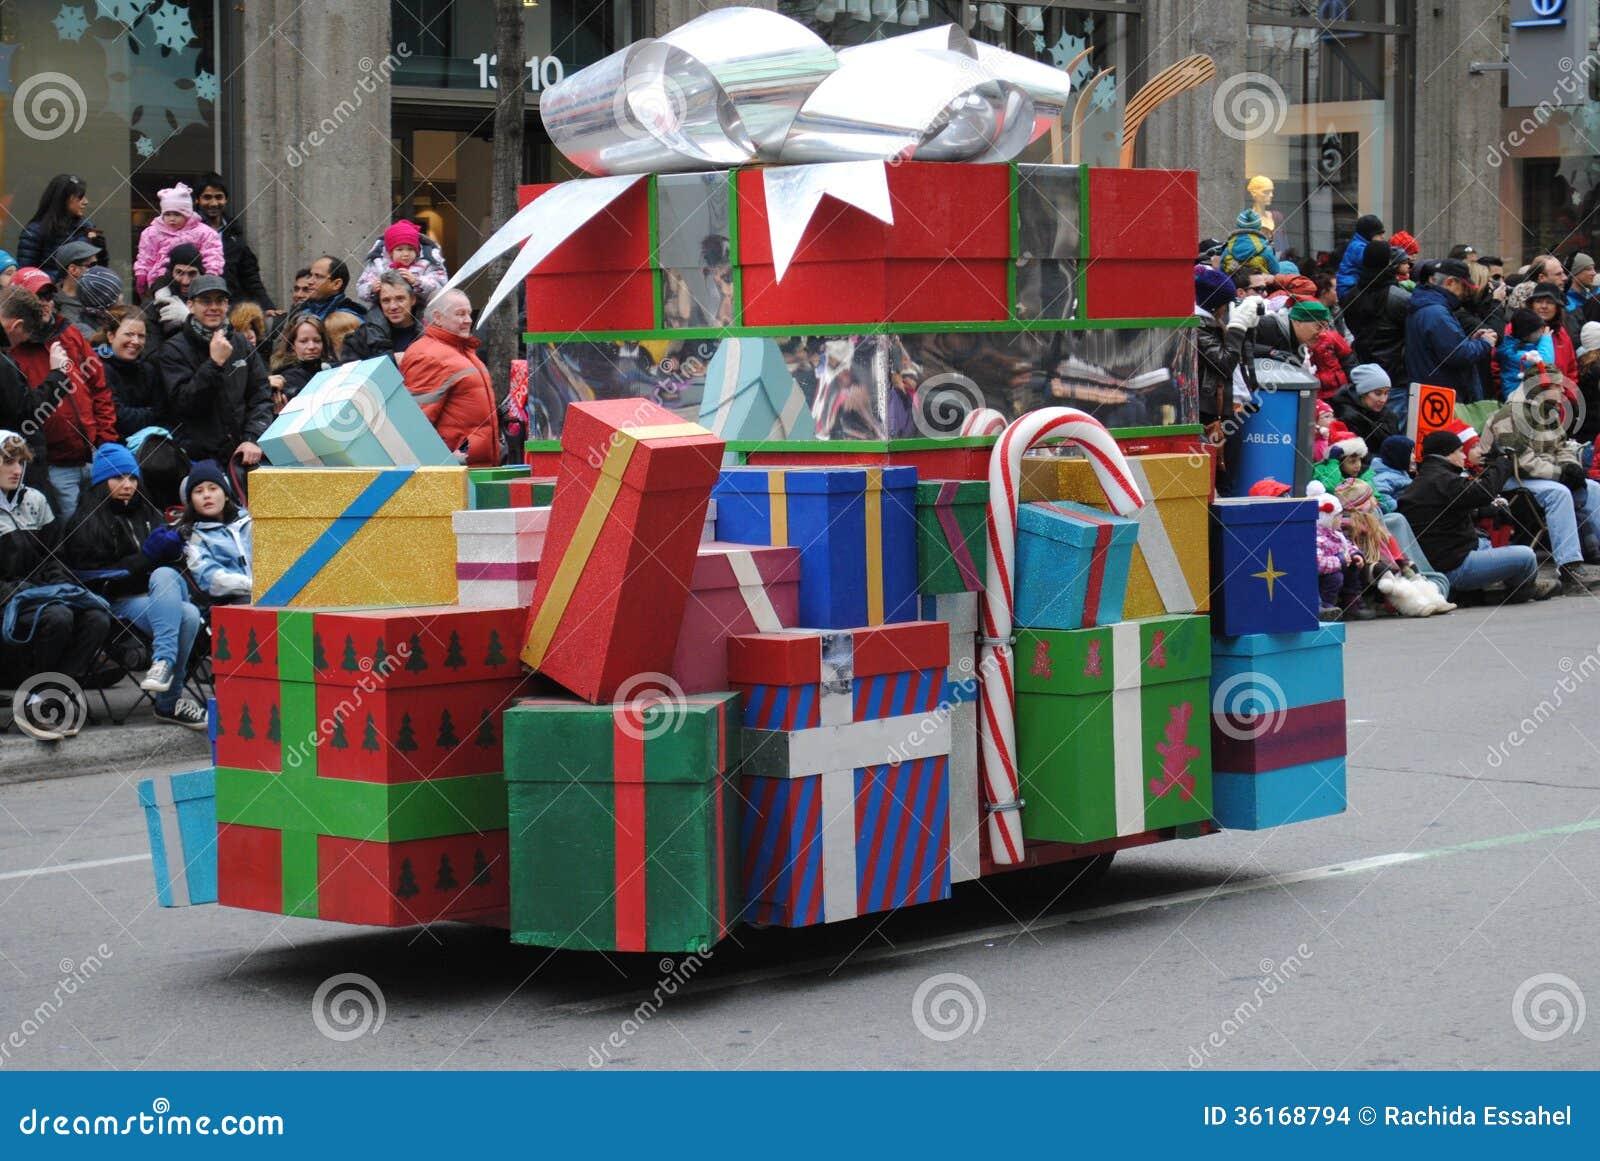 Festival di Santa clous a Montreal